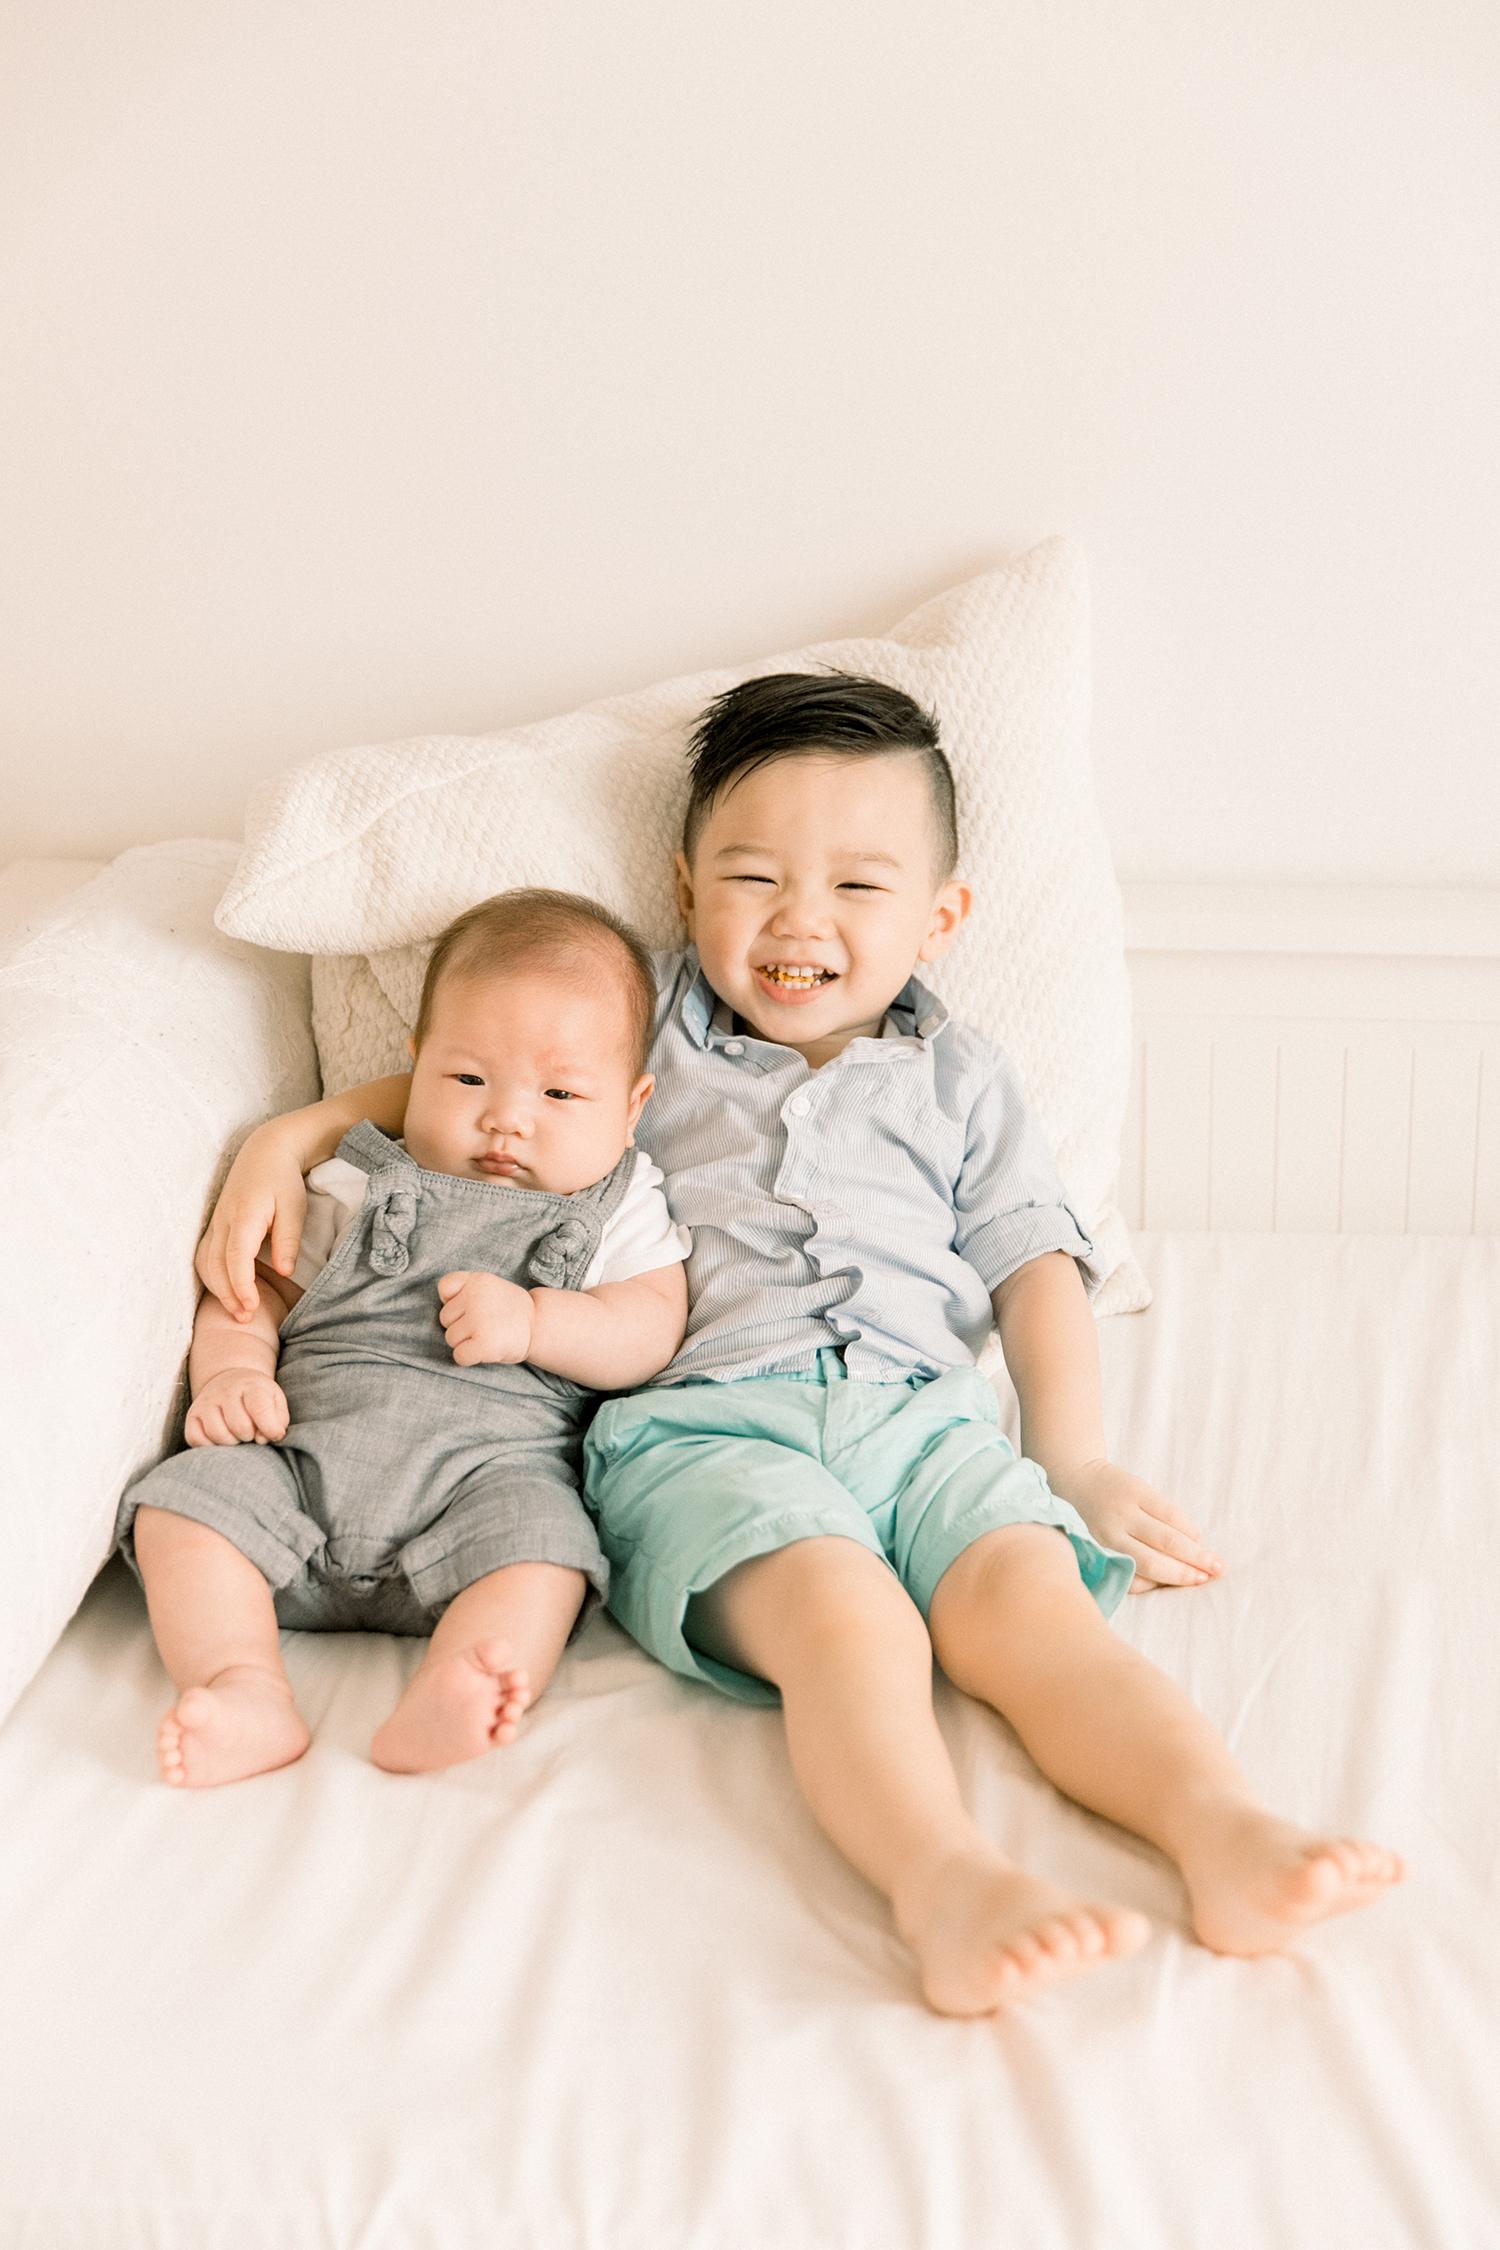 Classy newborn photos